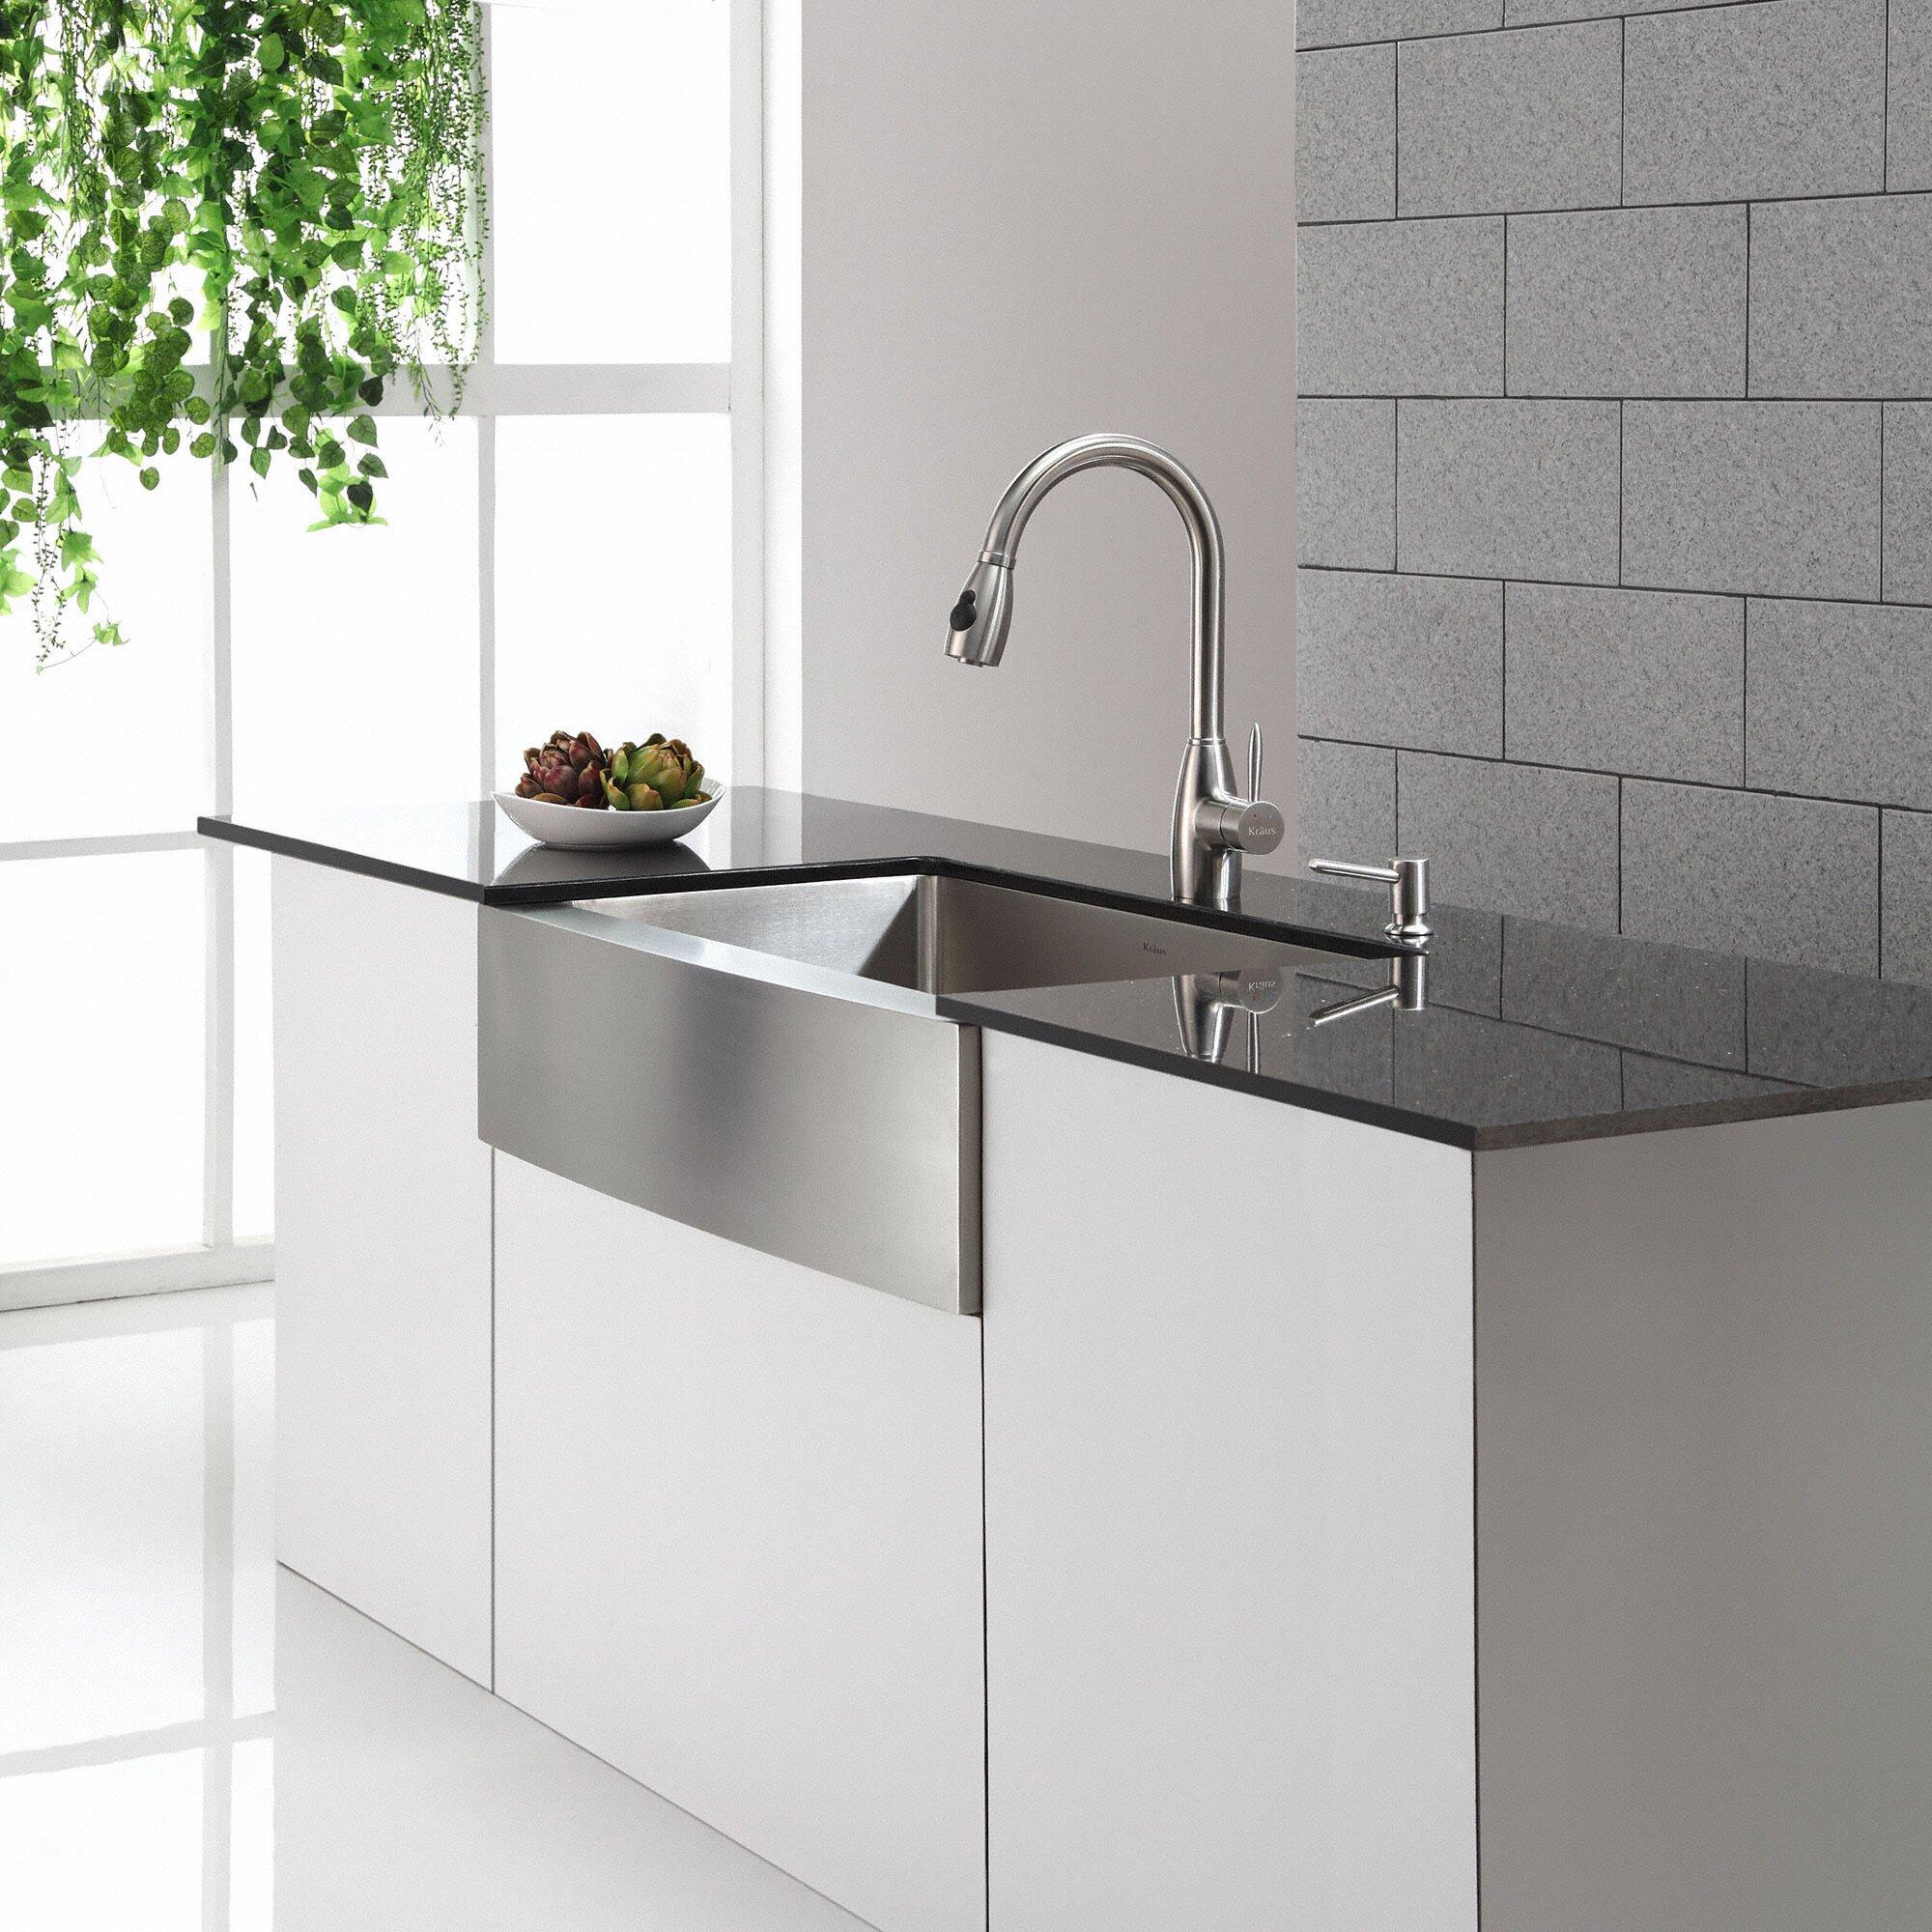 Kitchen Sink Furniture Kraus Stainless Steel 3588 X 2075 Farmhouse Kitchen Sink With